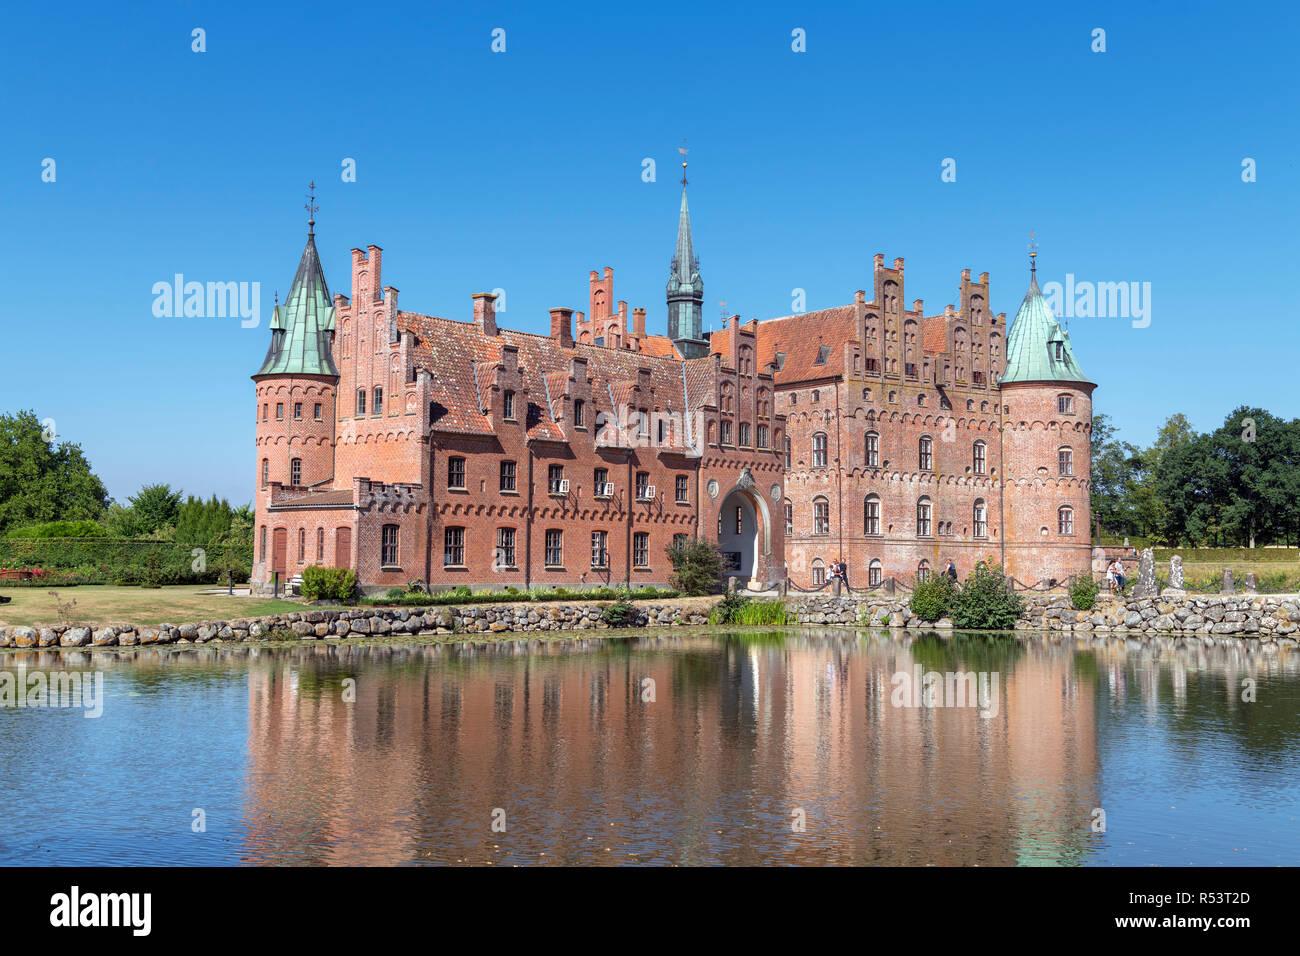 Egeskov Castle (Egeskov Slot), Kværndrup, Funen, Denmark - Stock Image